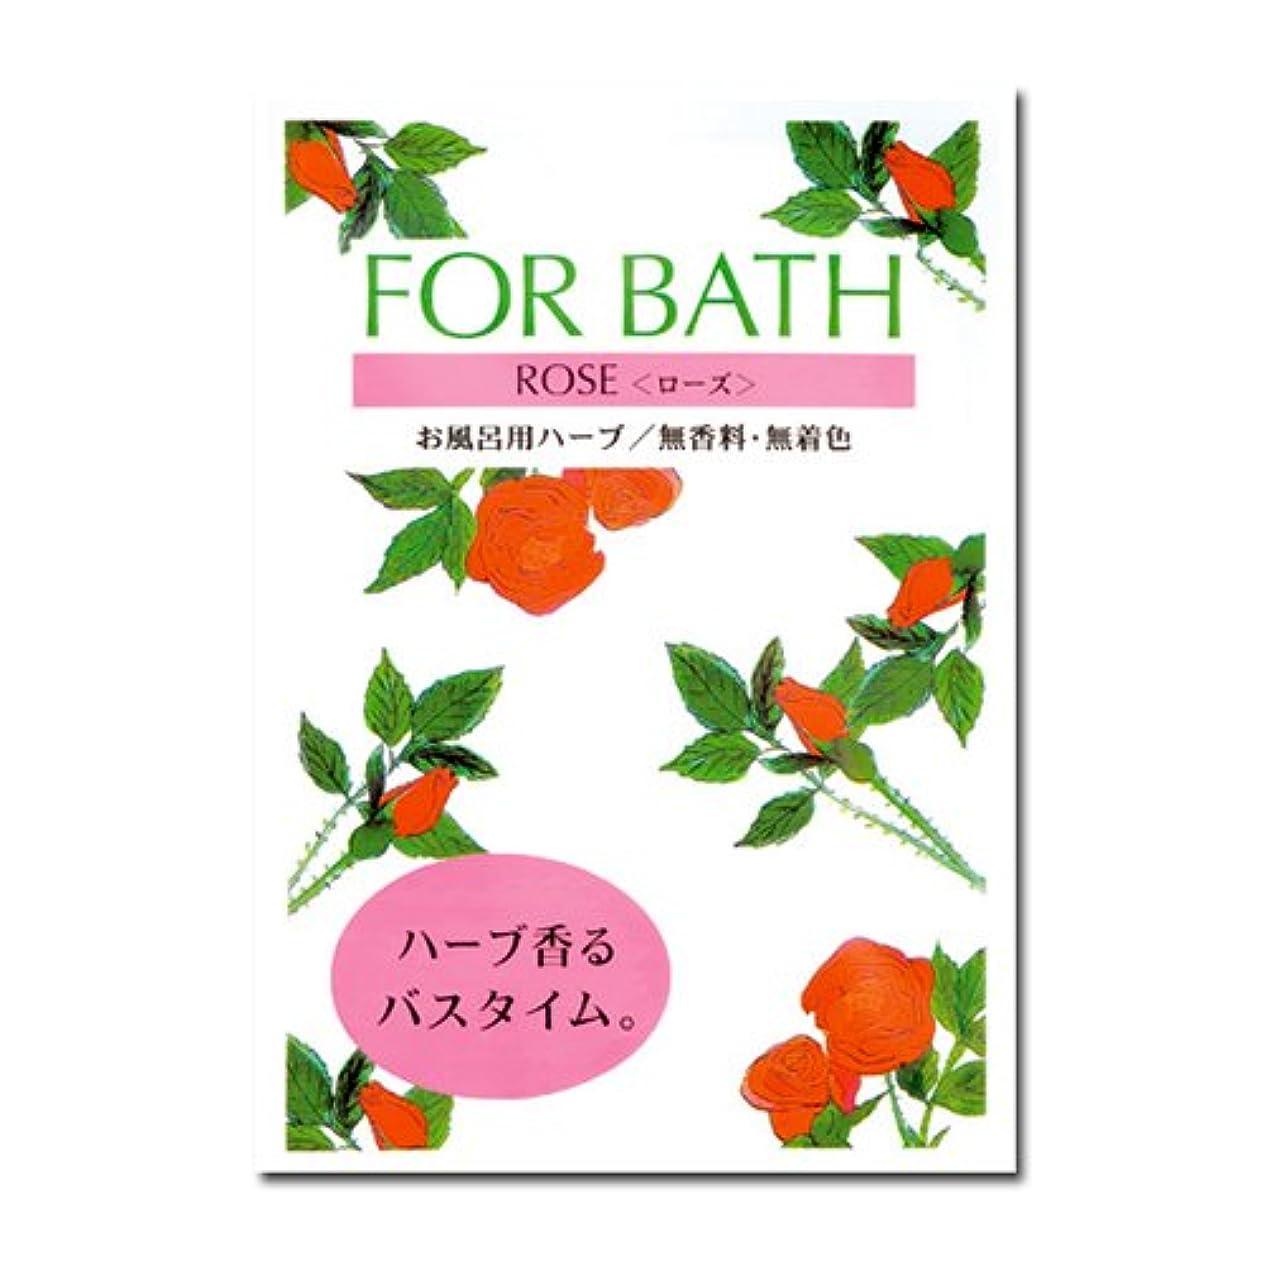 メニュー宗教的なゴージャスフォアバス ローズx30袋[フォアバス/入浴剤/ハーブ]